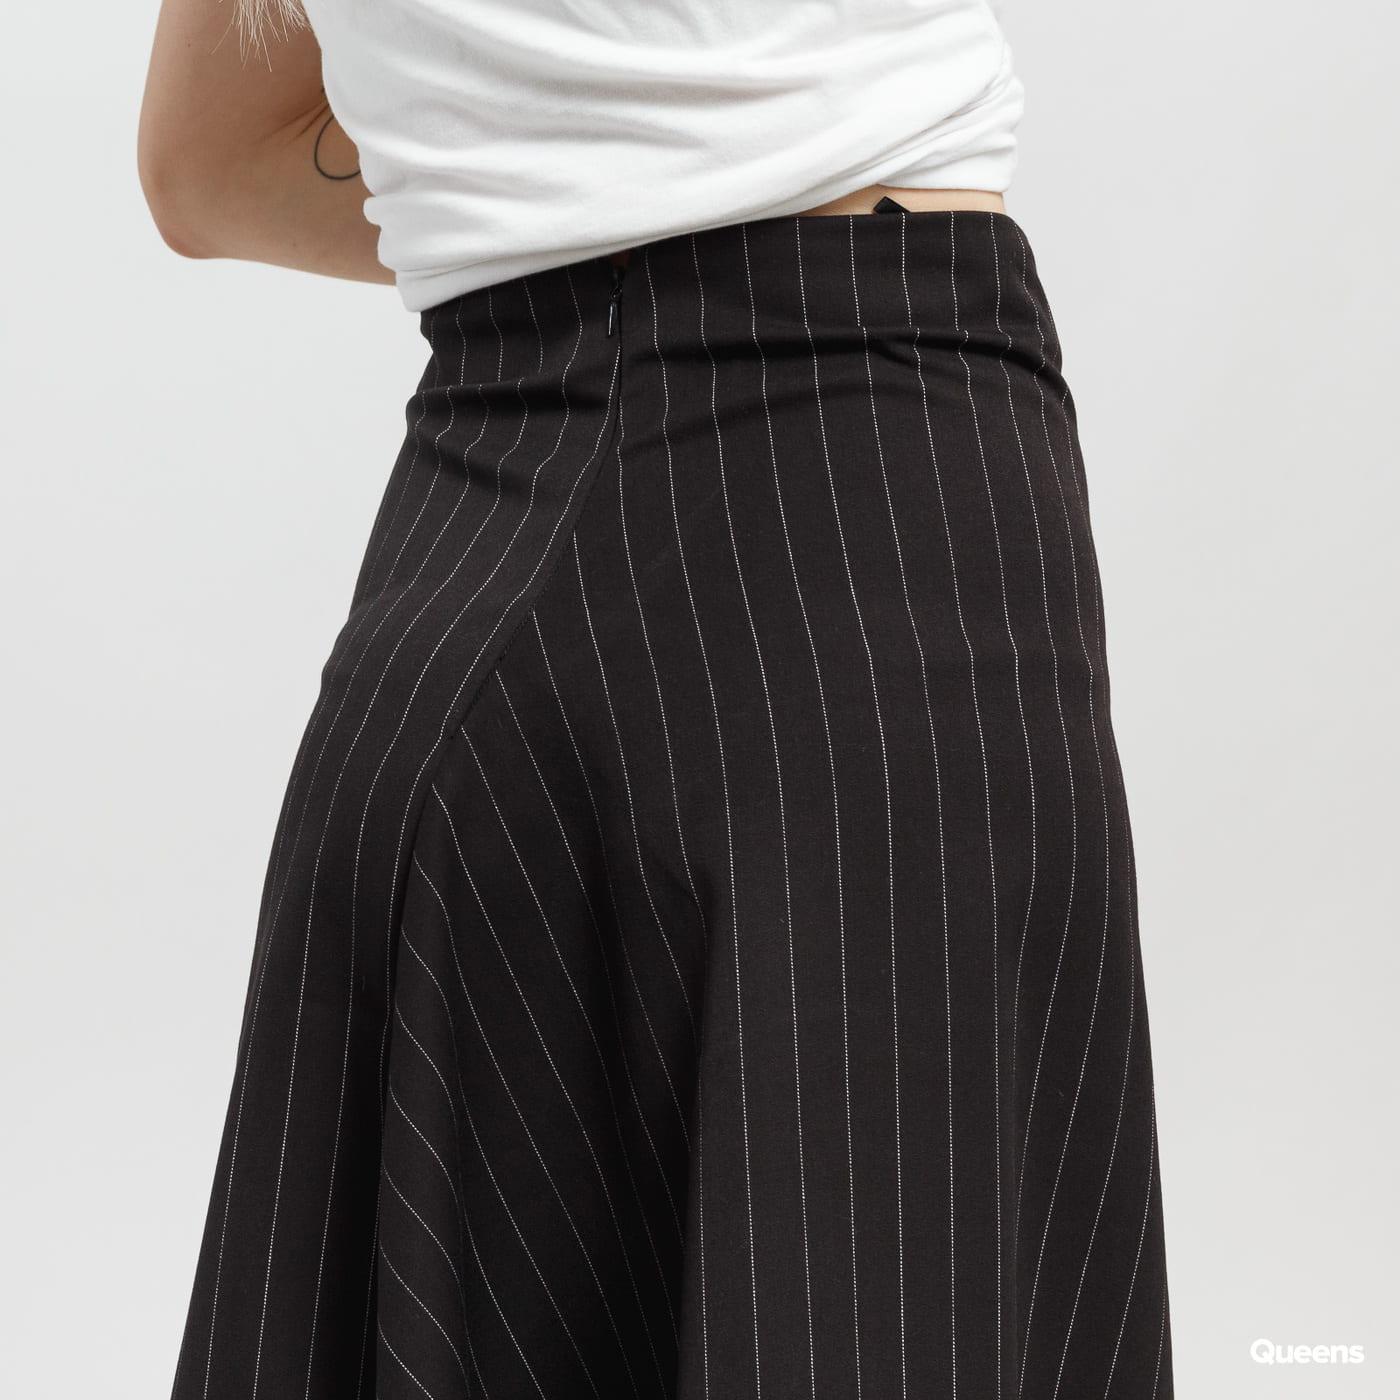 ODIVI Dream Stripe Skirt schwarz / weiß